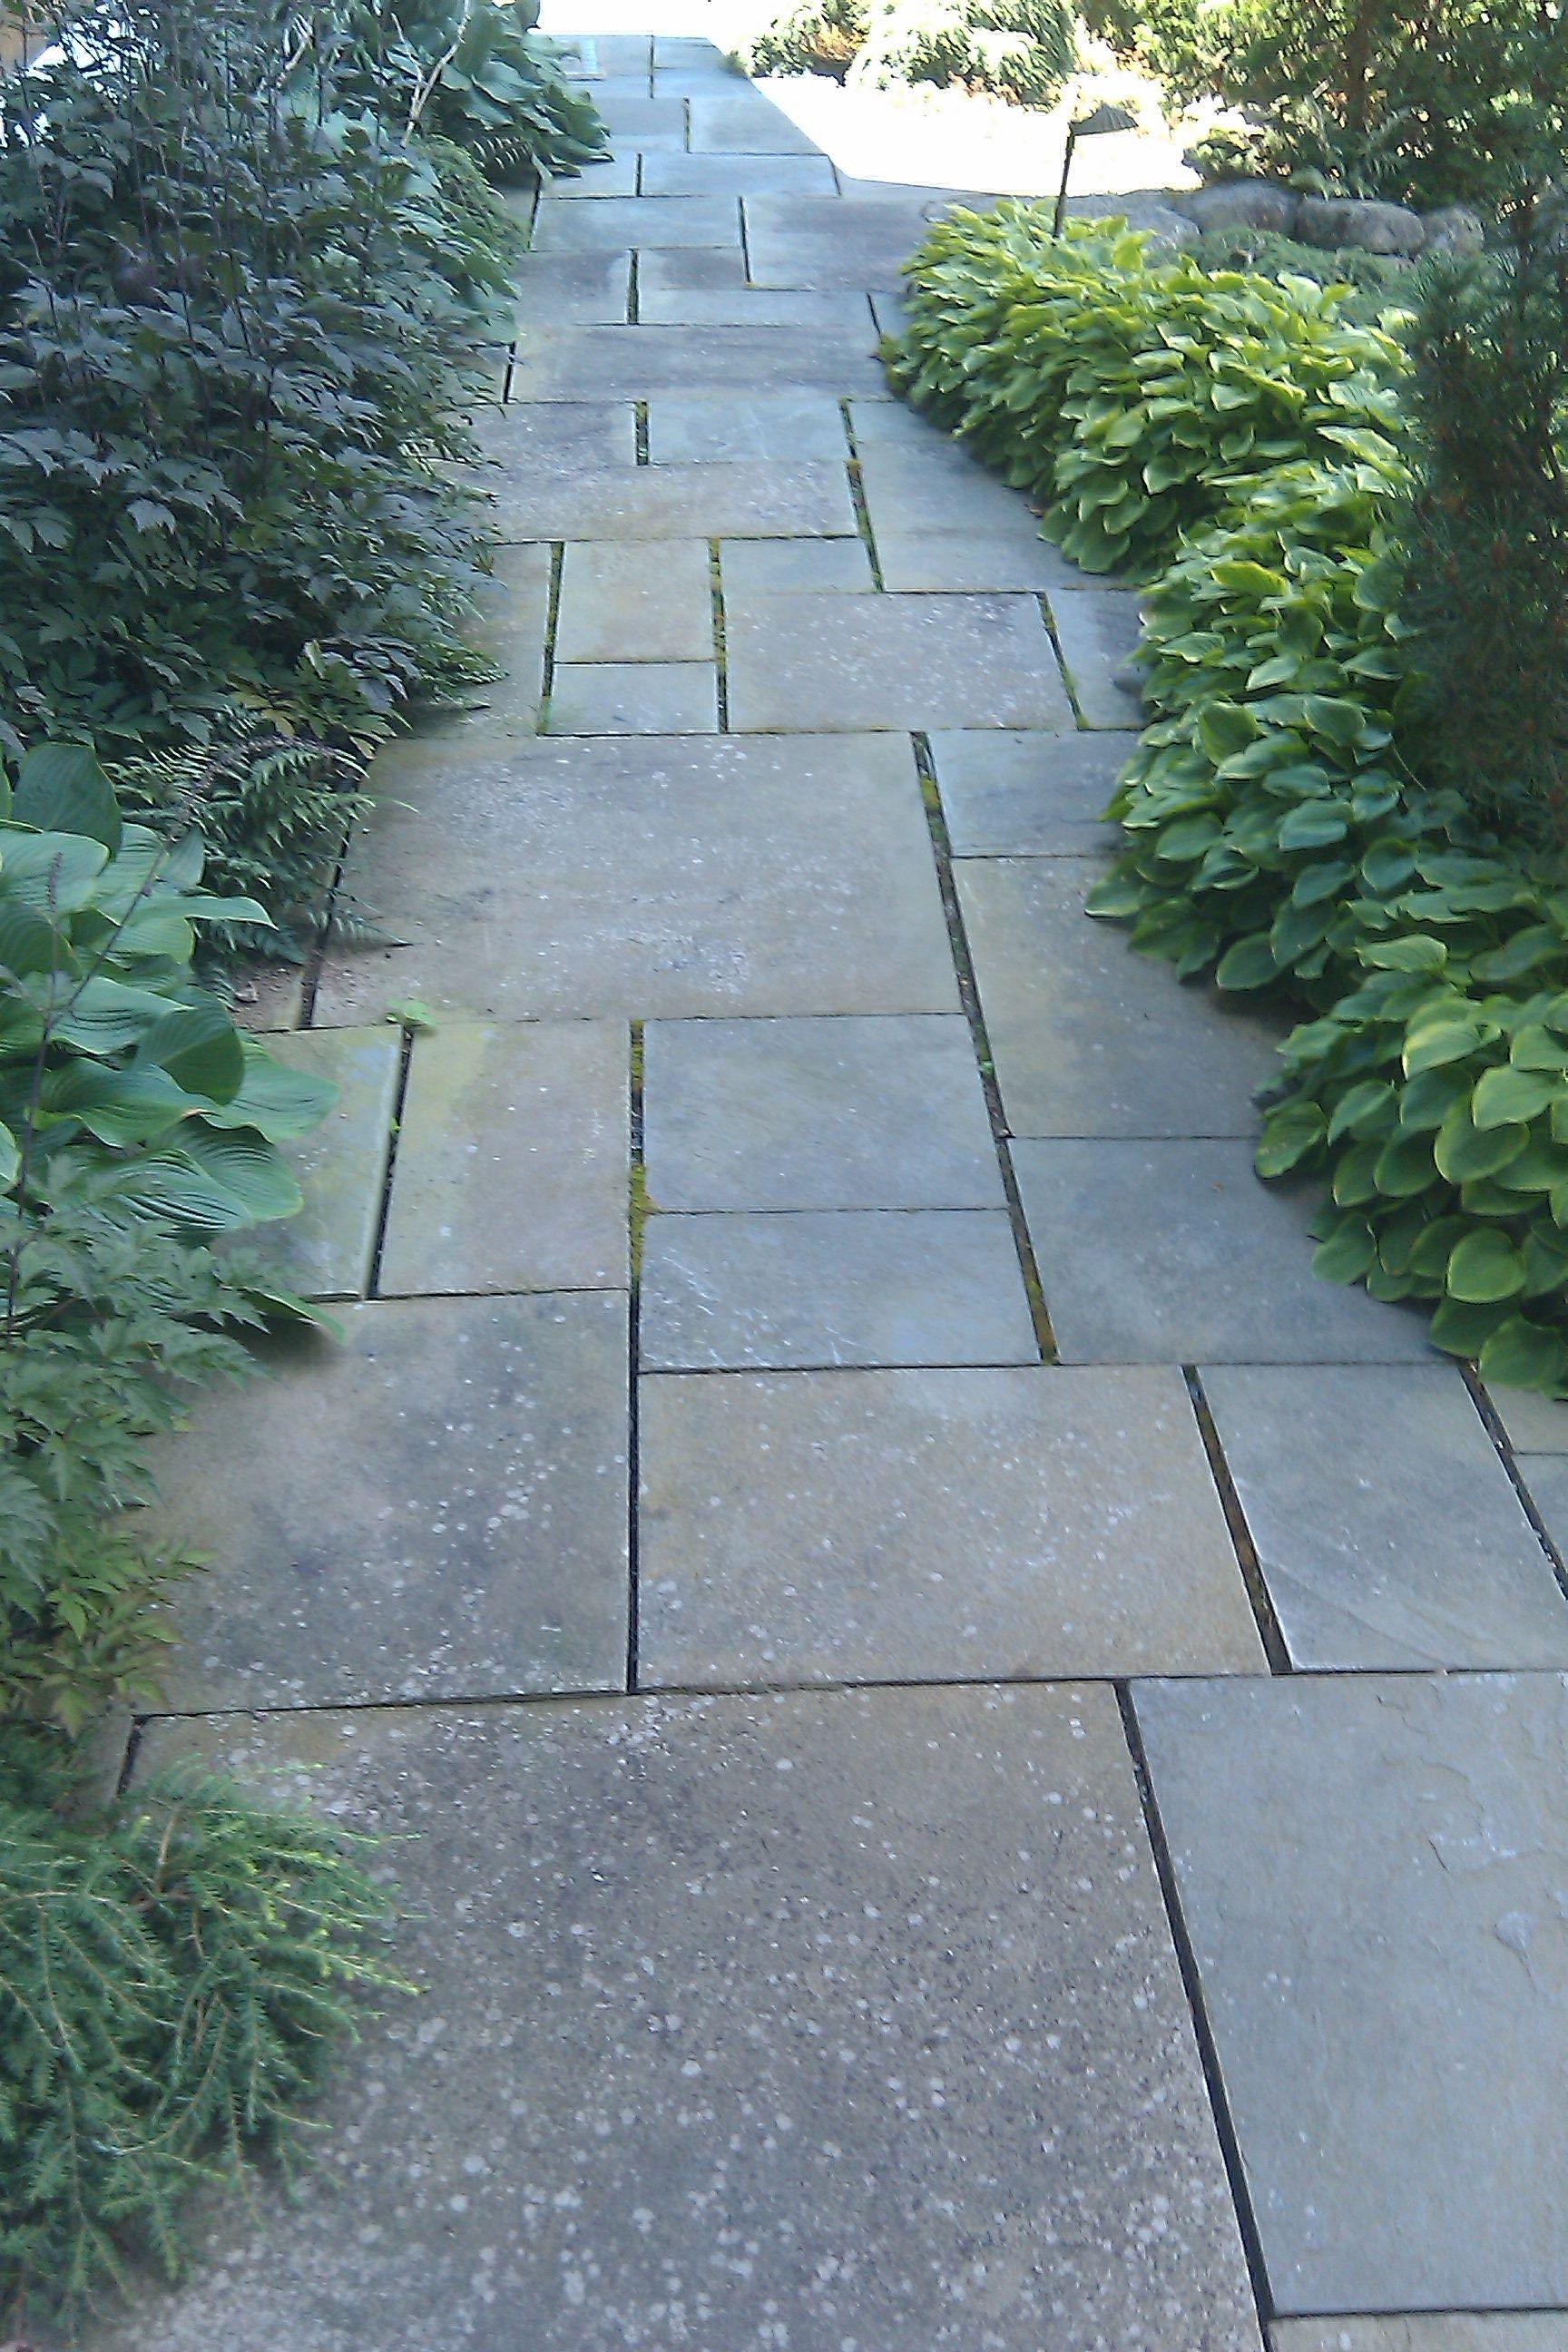 bluestone path | Bonnie | Pinterest | Paths, Walkways and Patios